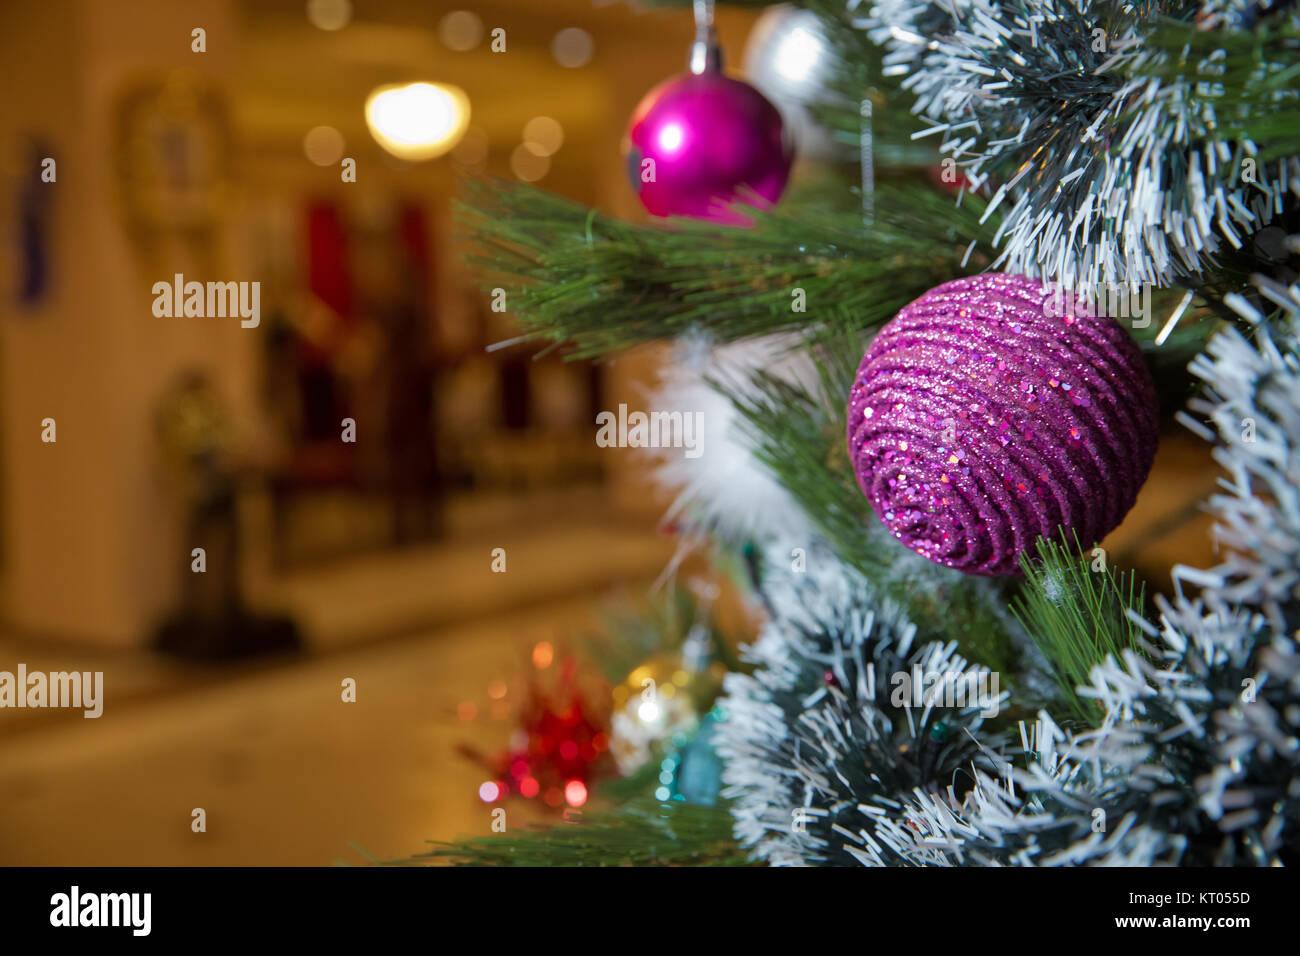 Weihnachtskarte. Weihnachten. Für das neue Jahr. Eine rote Kugel ...